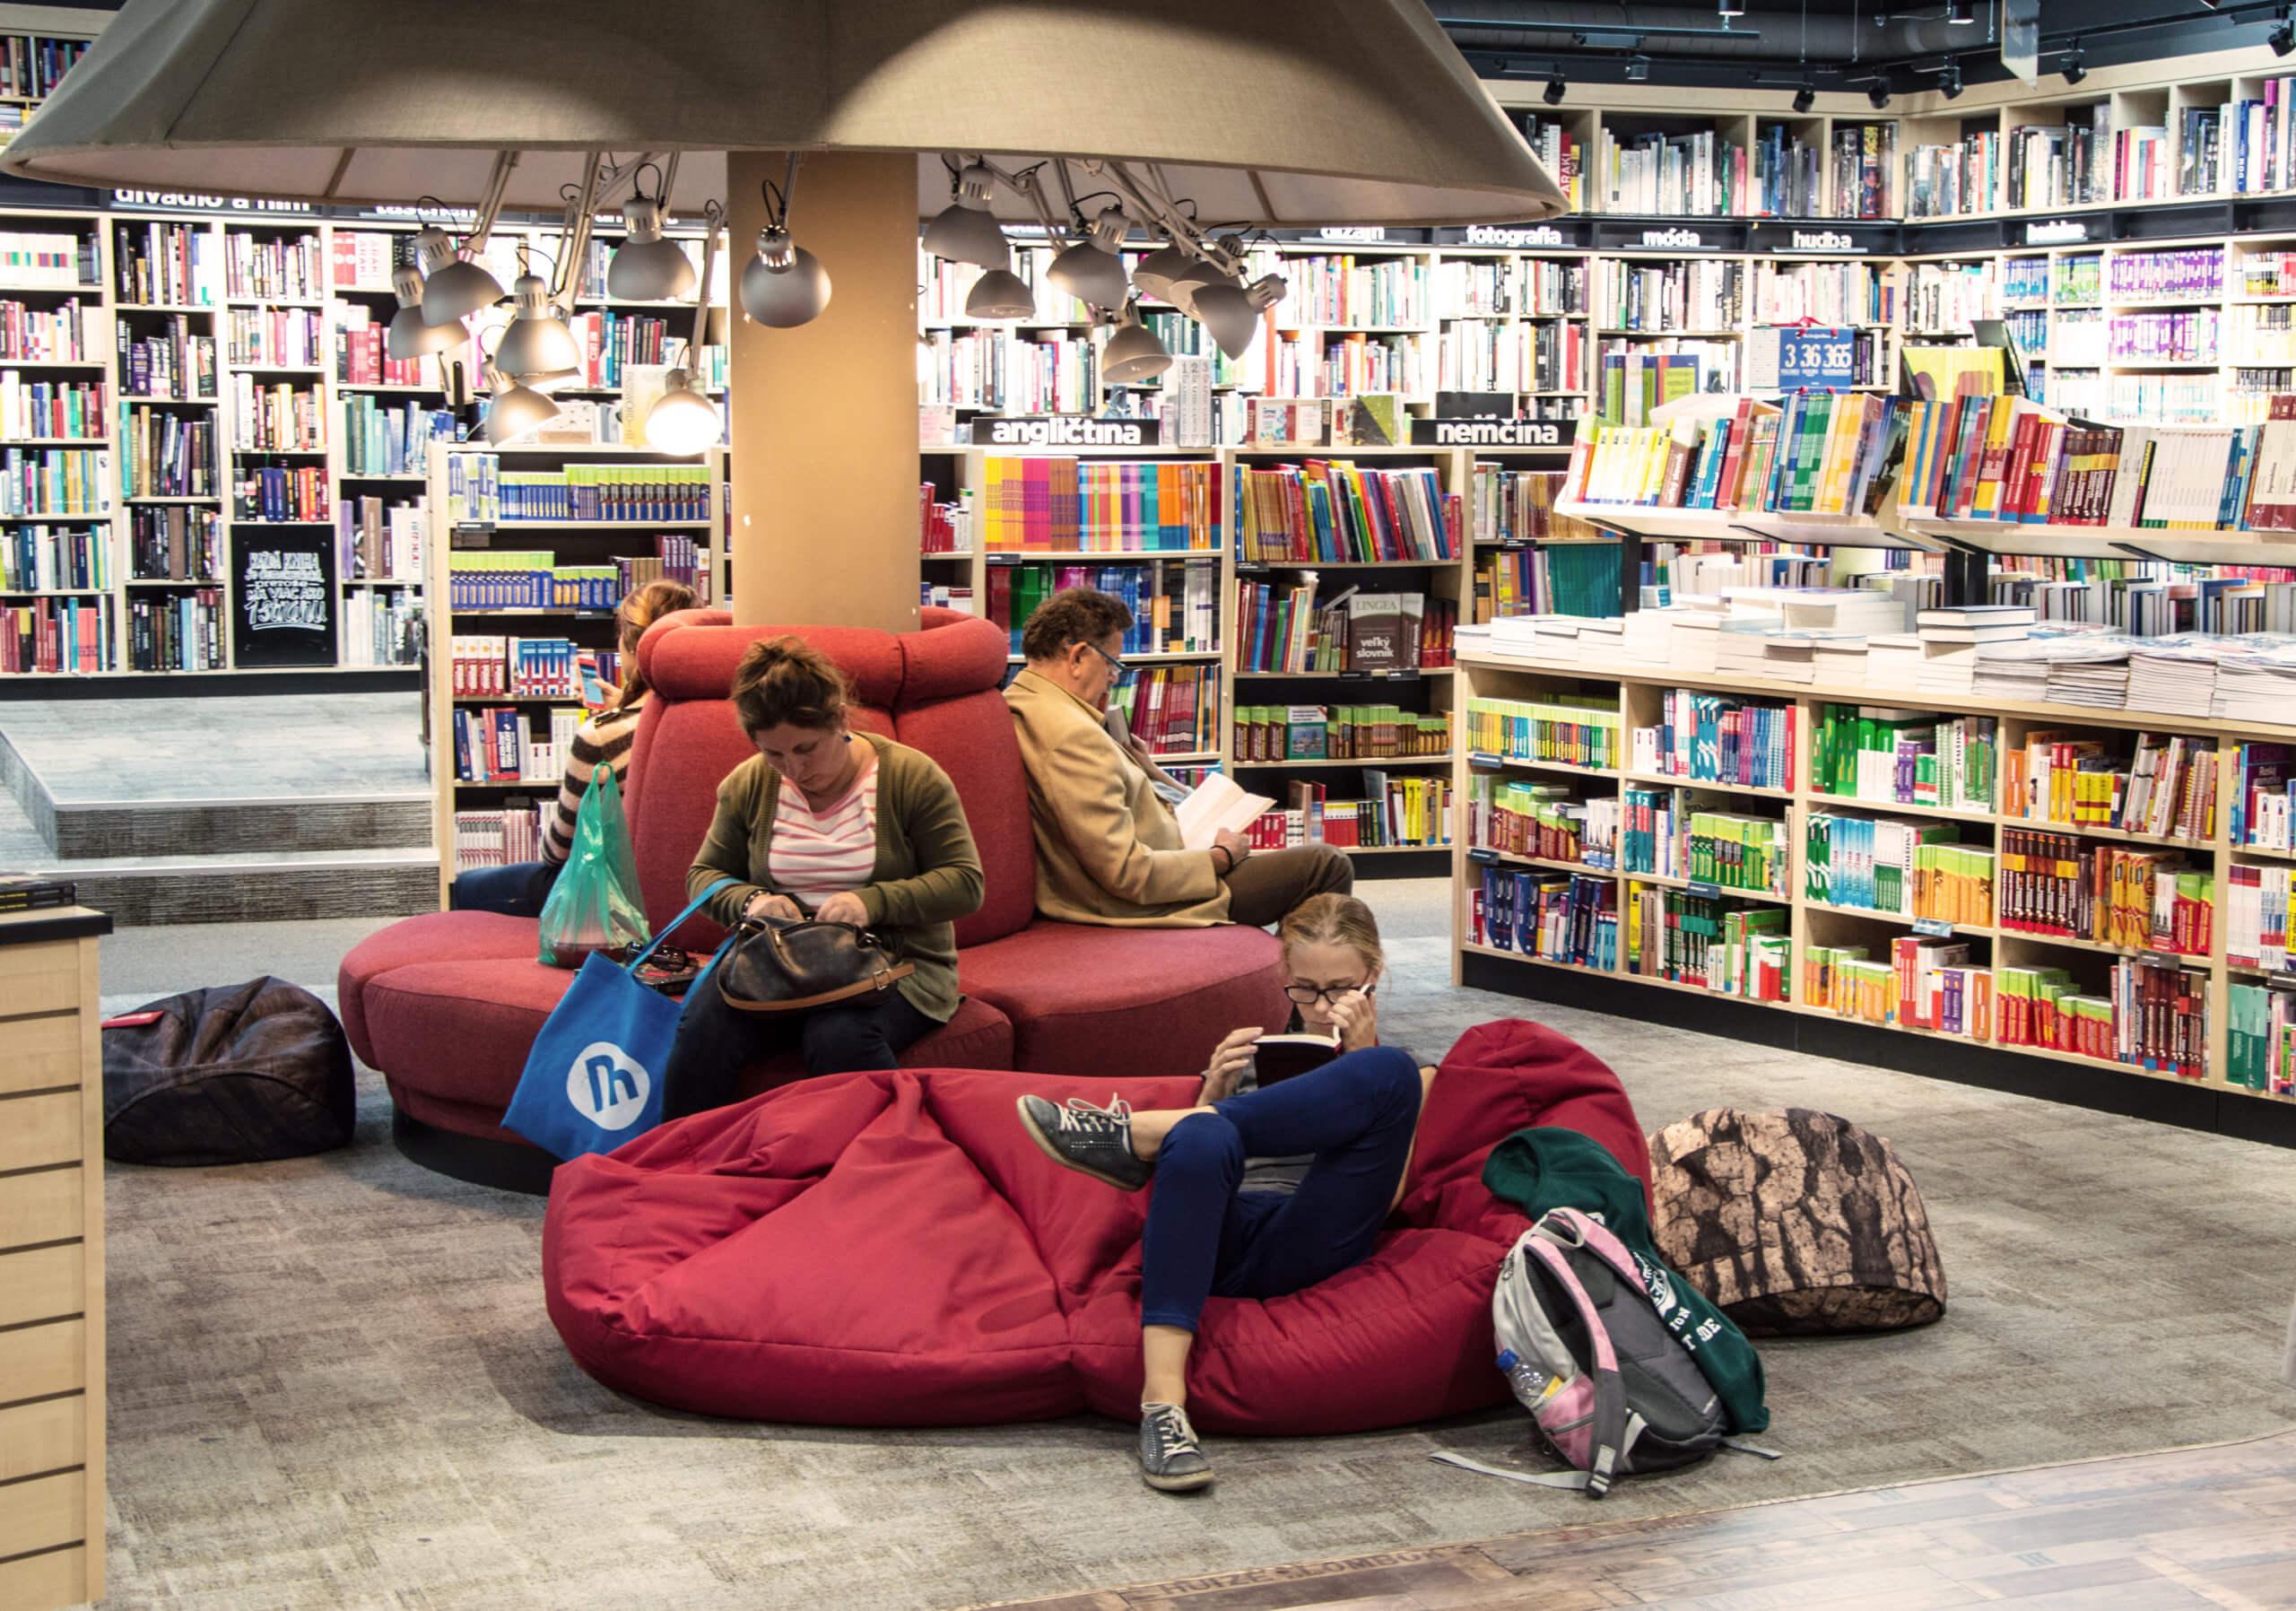 Menschen sitzen in Buchhandlung